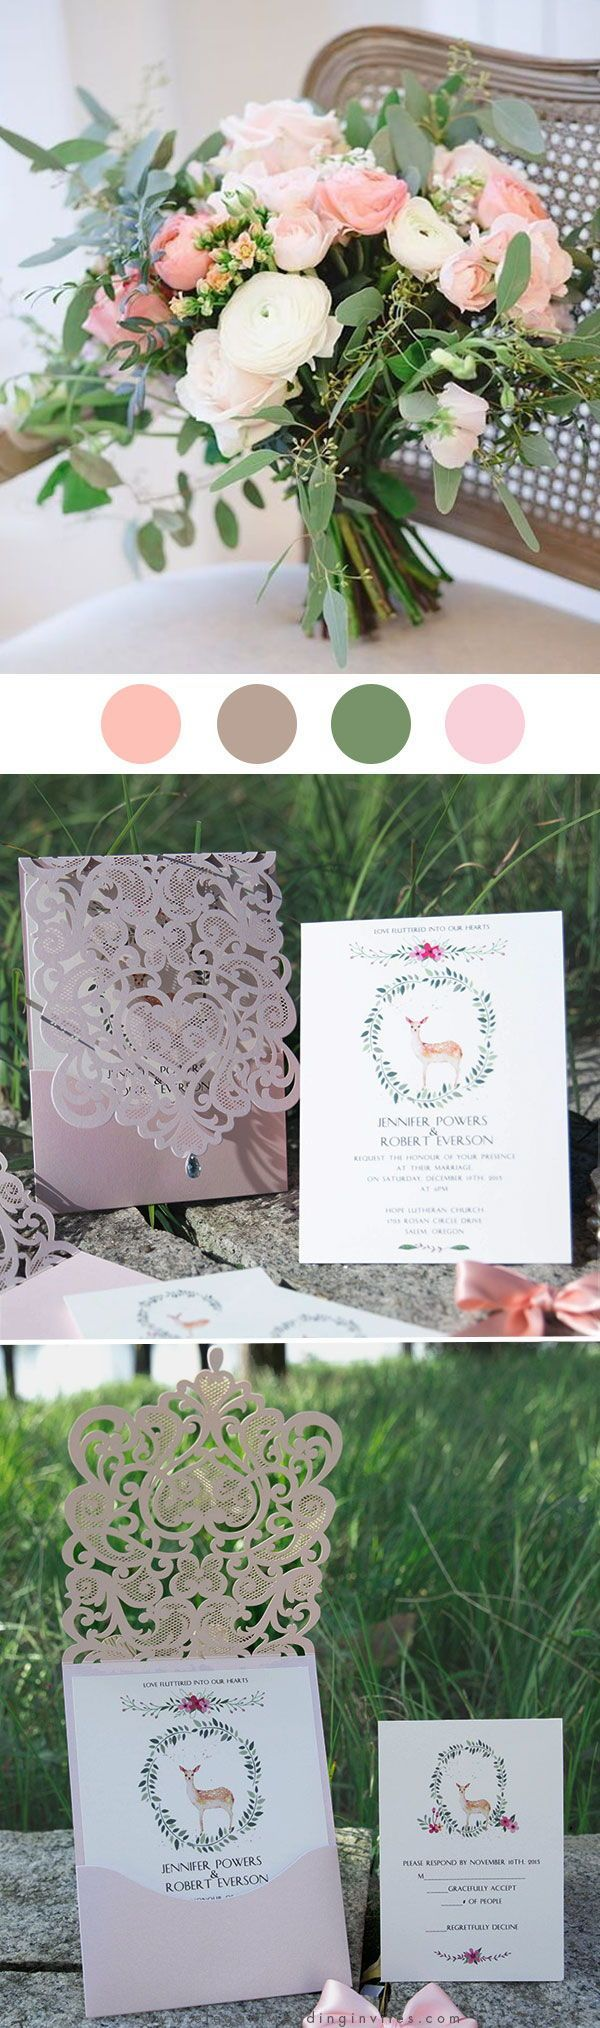 4124 Best Wedding Invitations Images On Pinterest Invitation Ideas